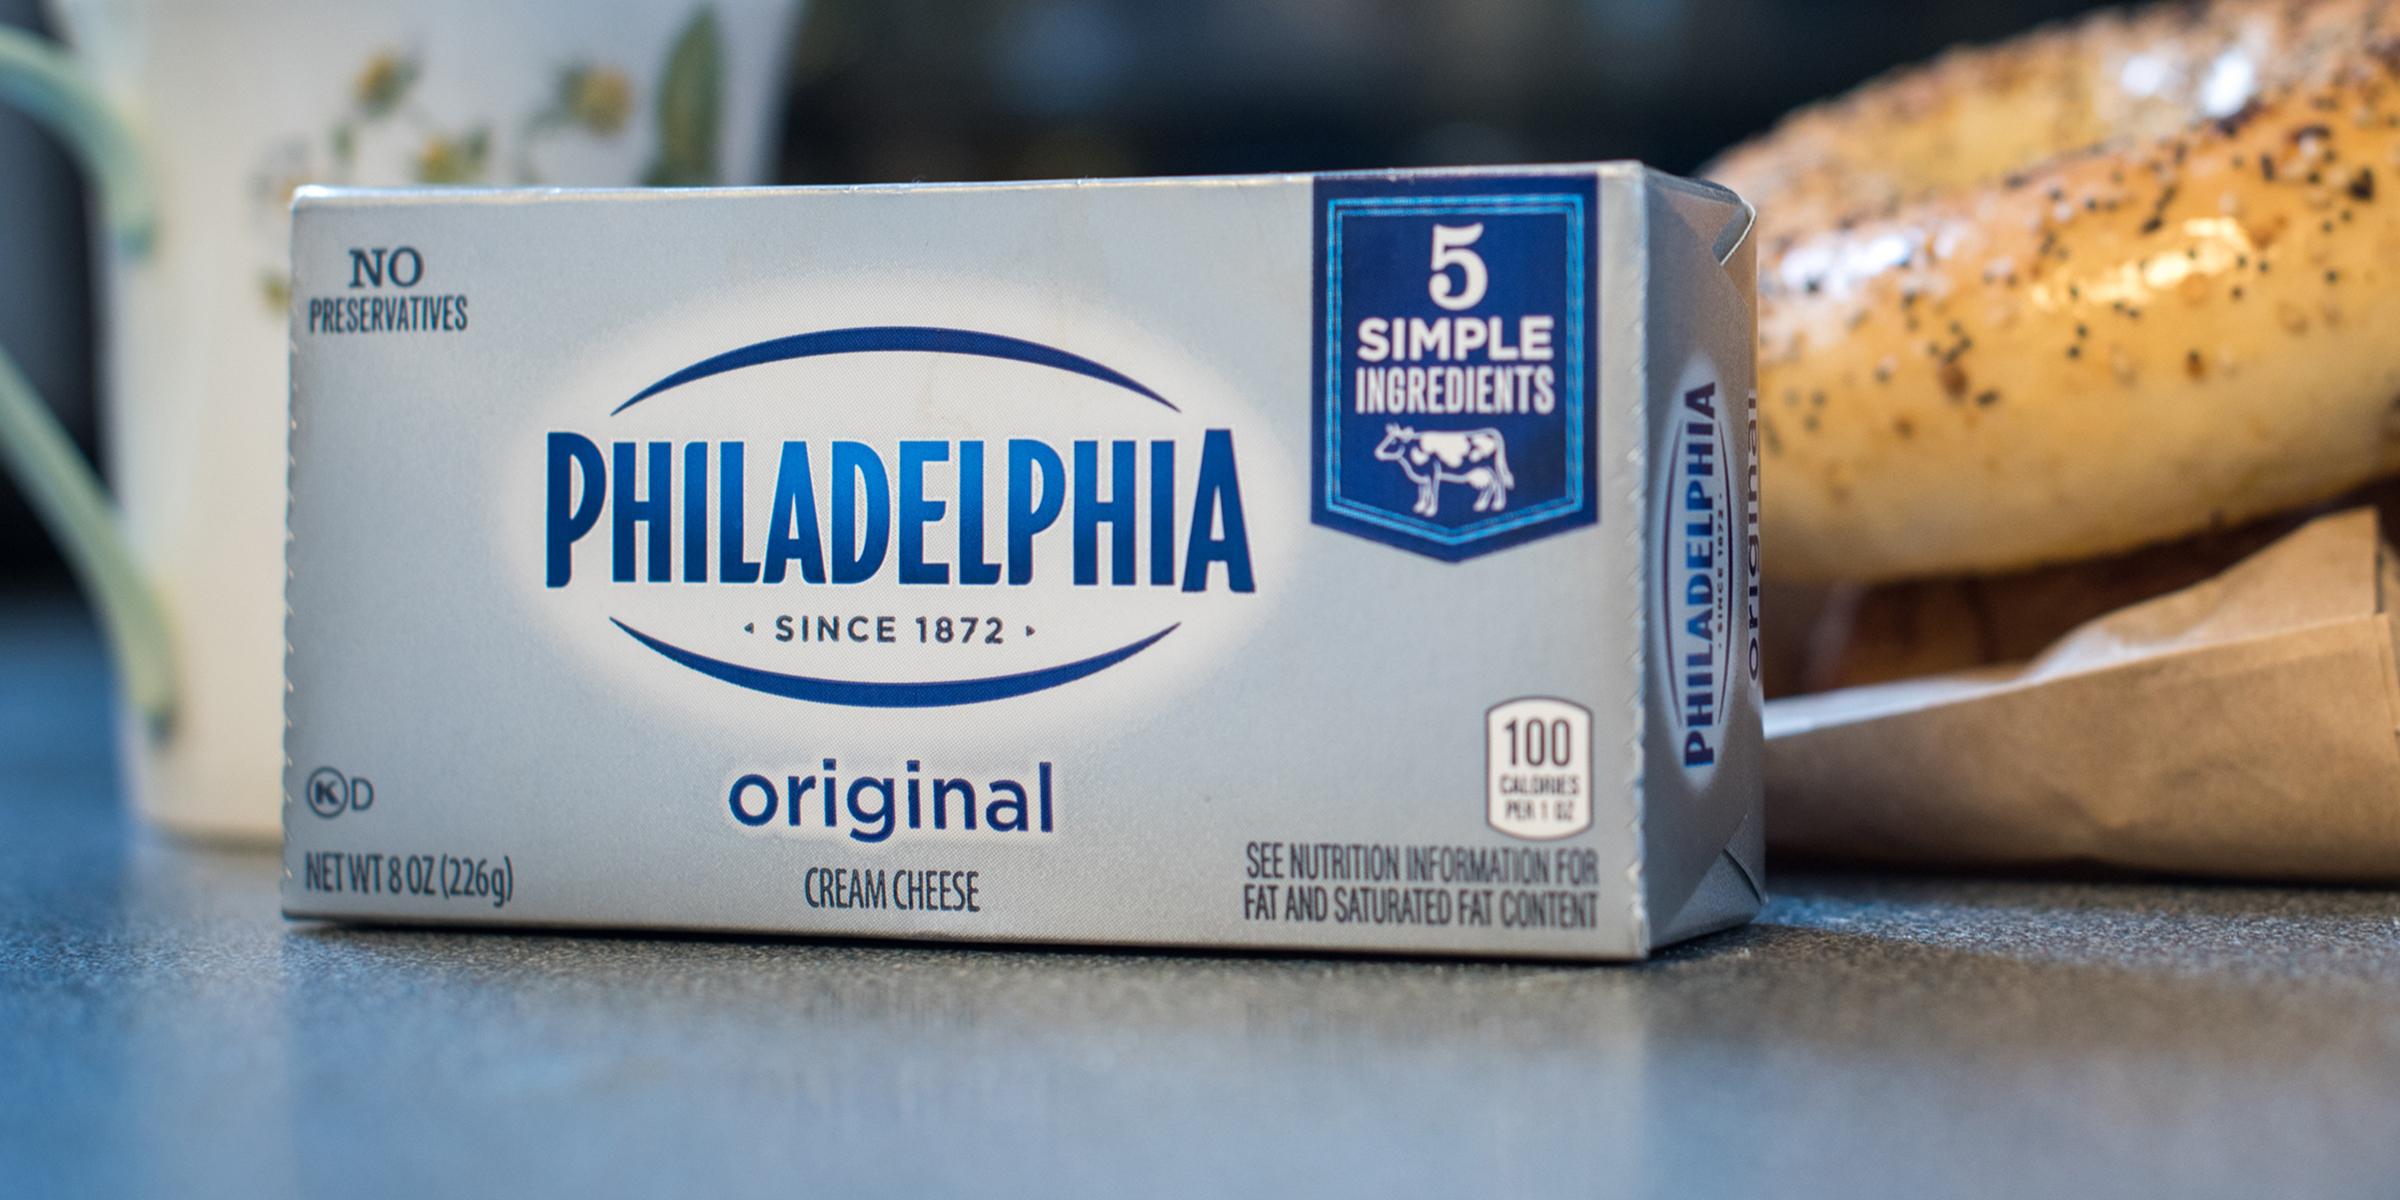 Philadelphia cream cheese isn't